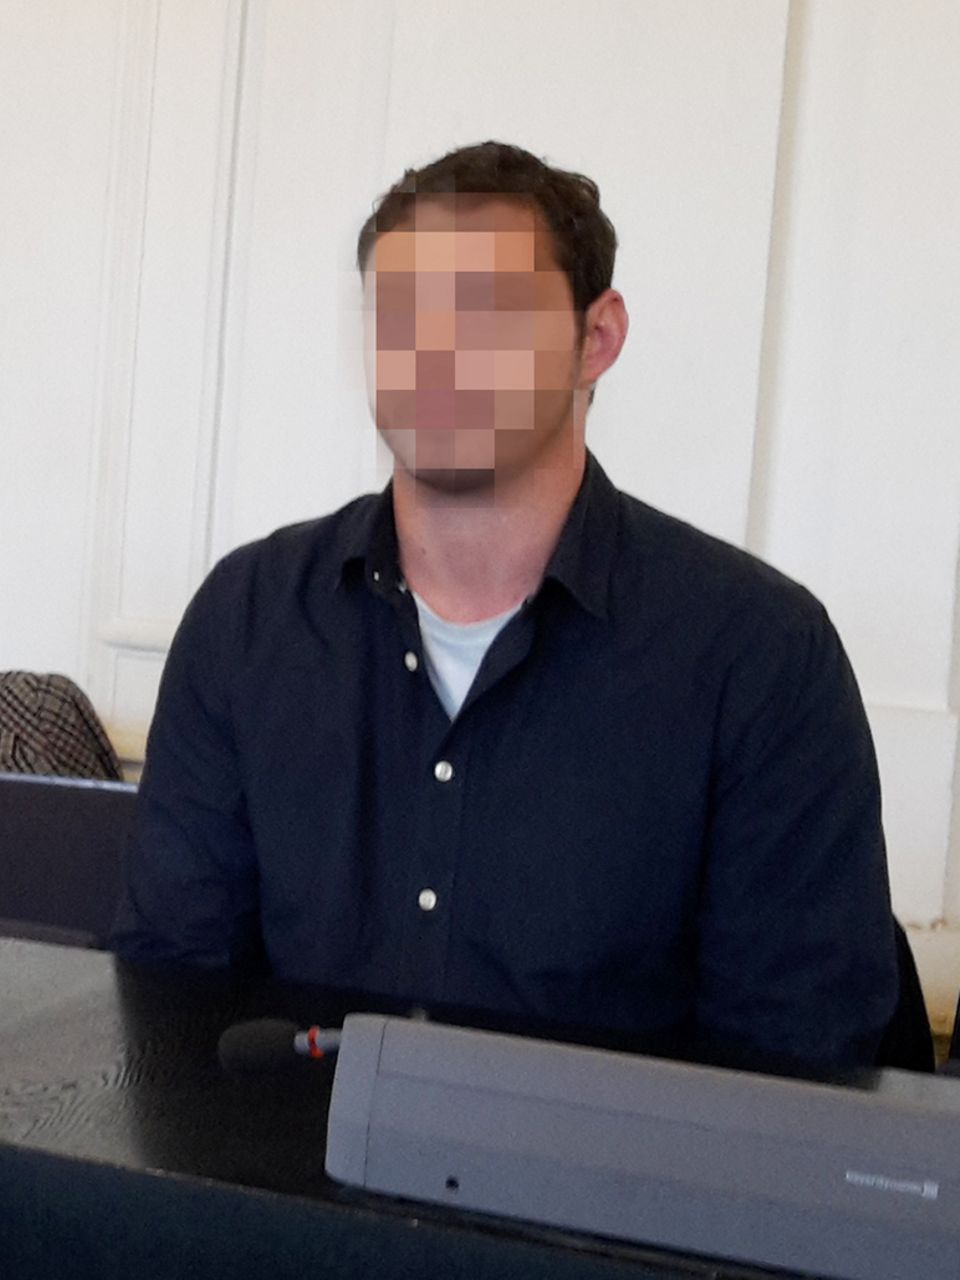 Der Täter im Karlsruher Landgericht.